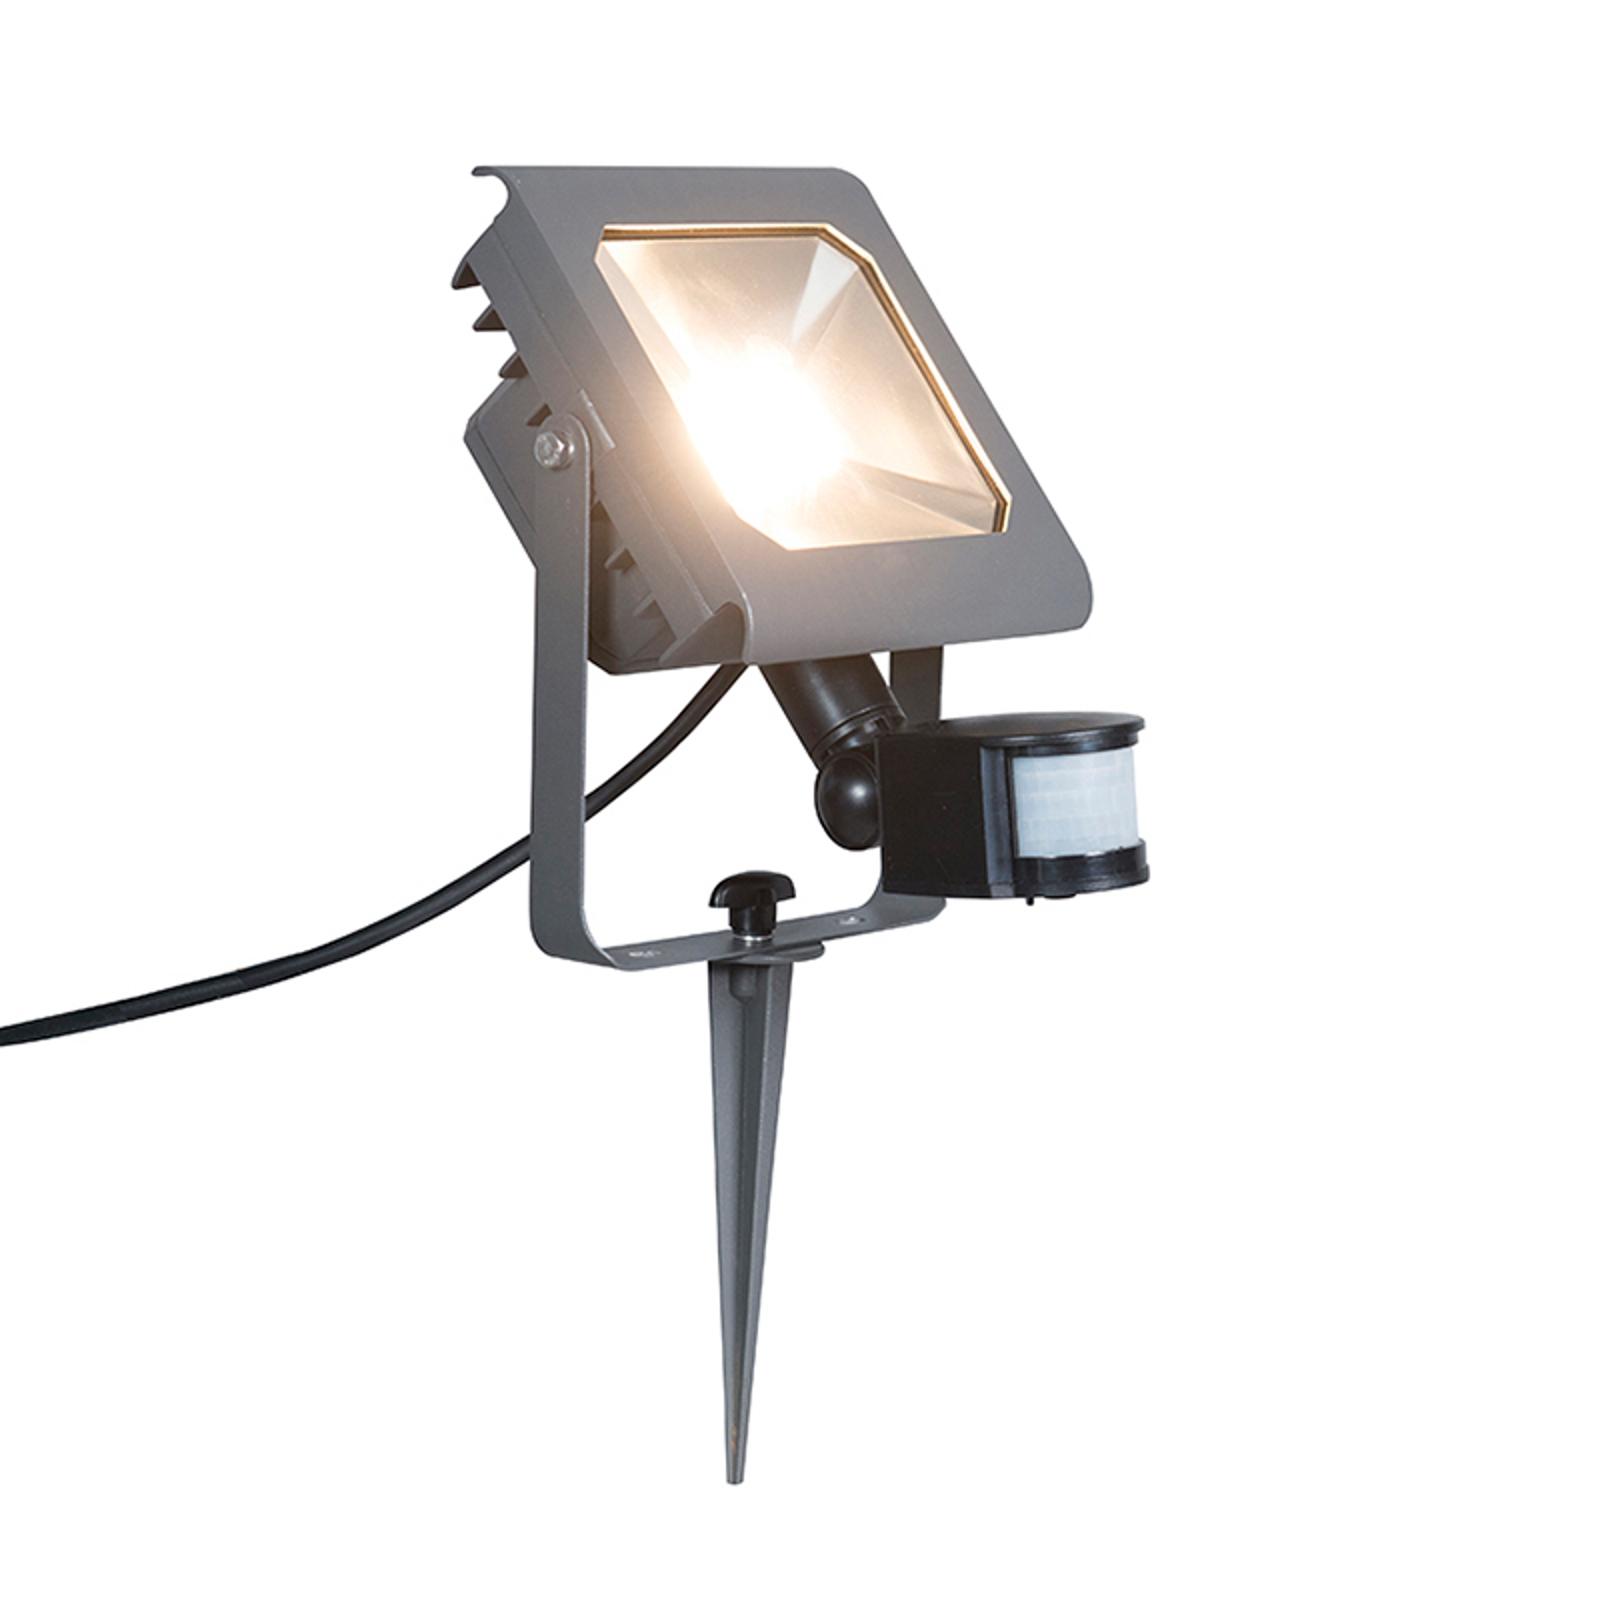 LED-Außenstrahler Radius 2, 30 W, mit Erdspieß